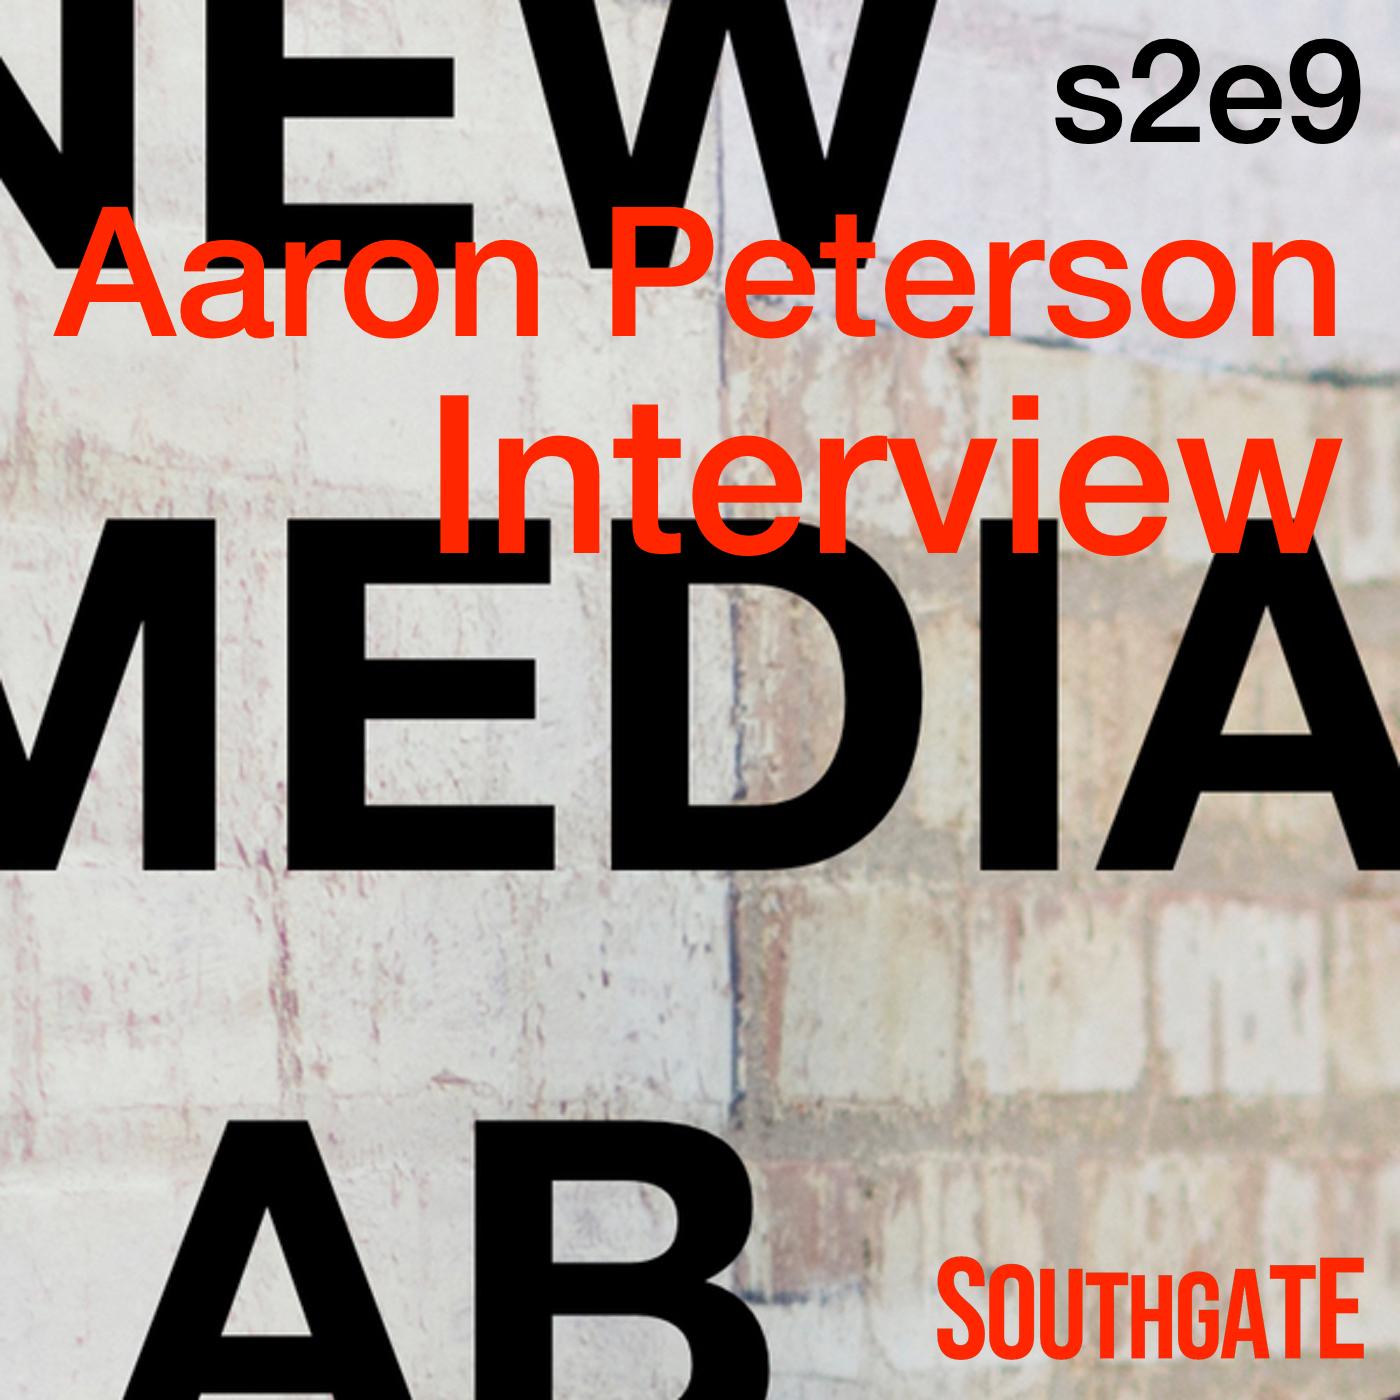 Aaron Peterson Interview